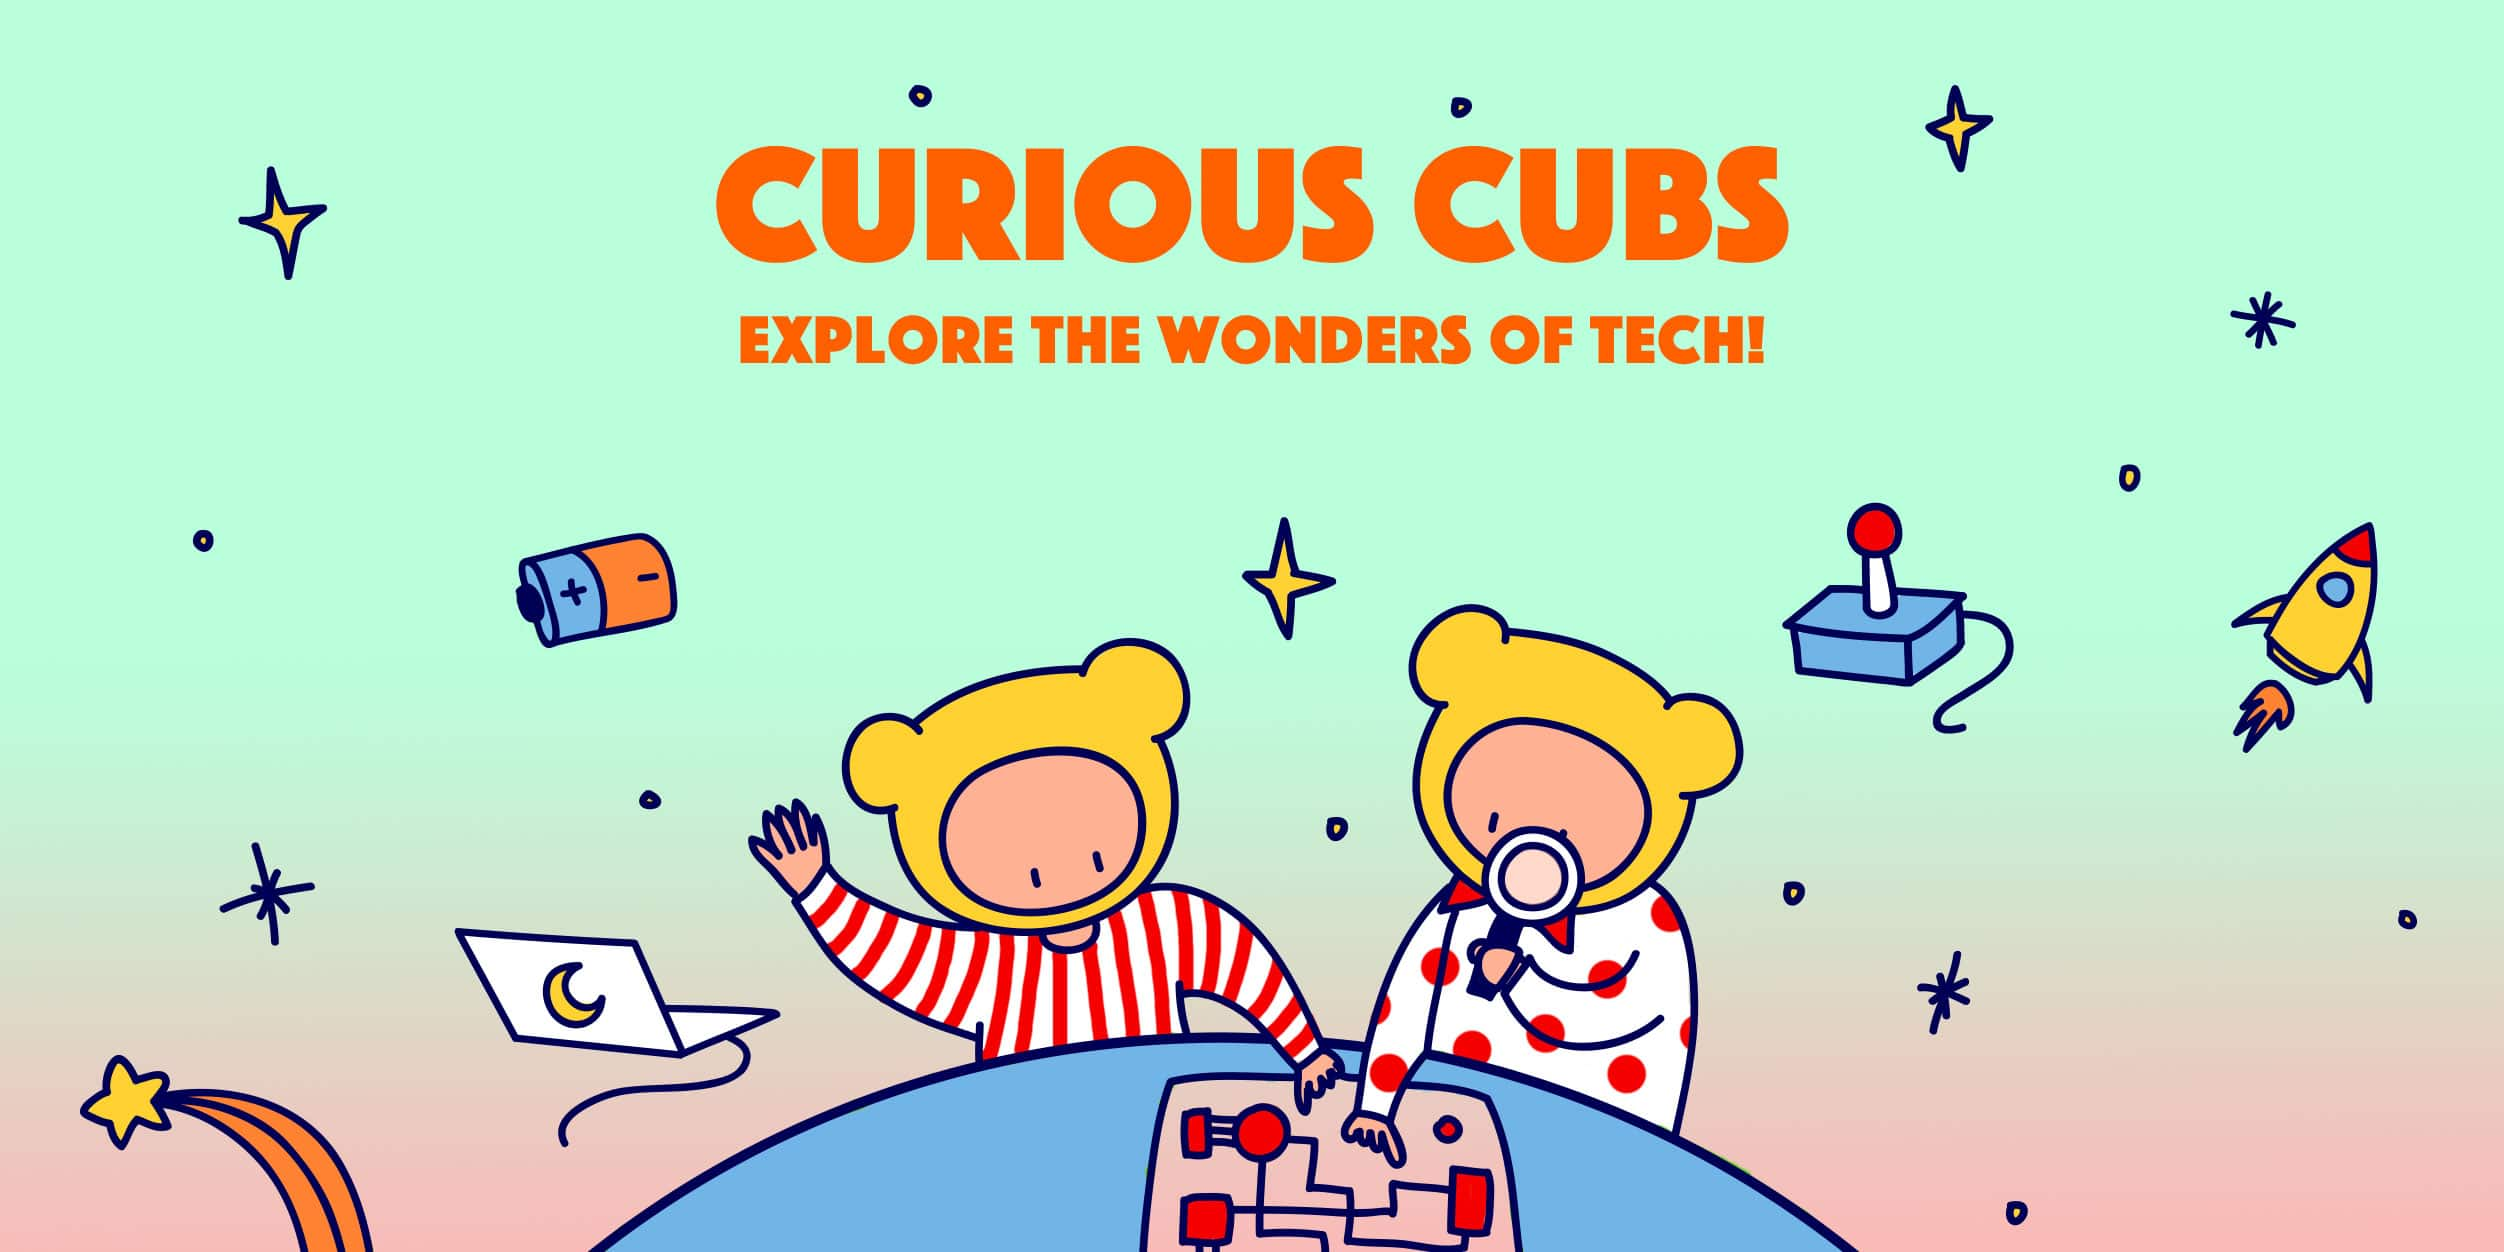 curious-cubs